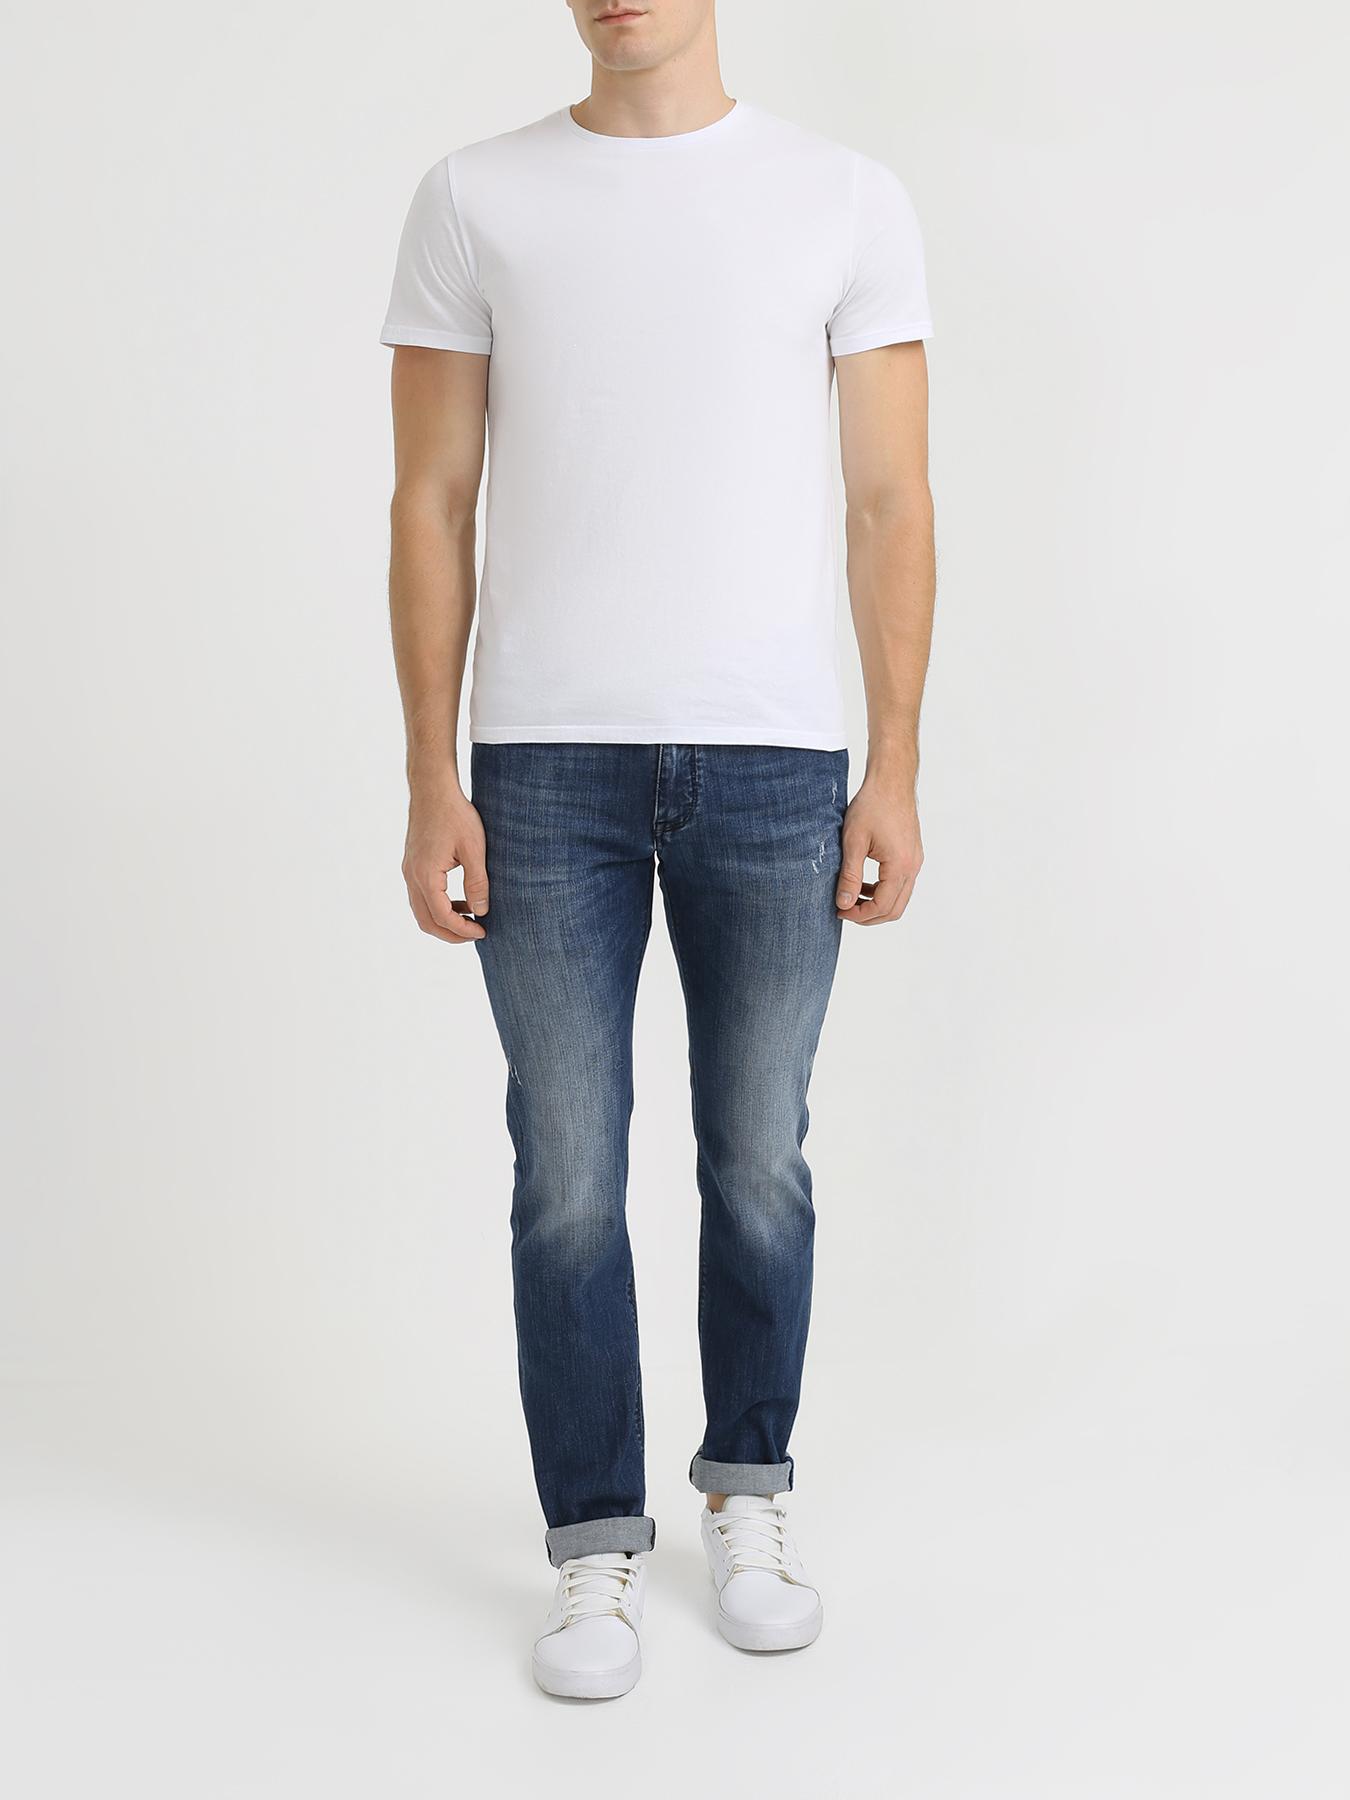 Брюки Korpo Зауженные джинсы